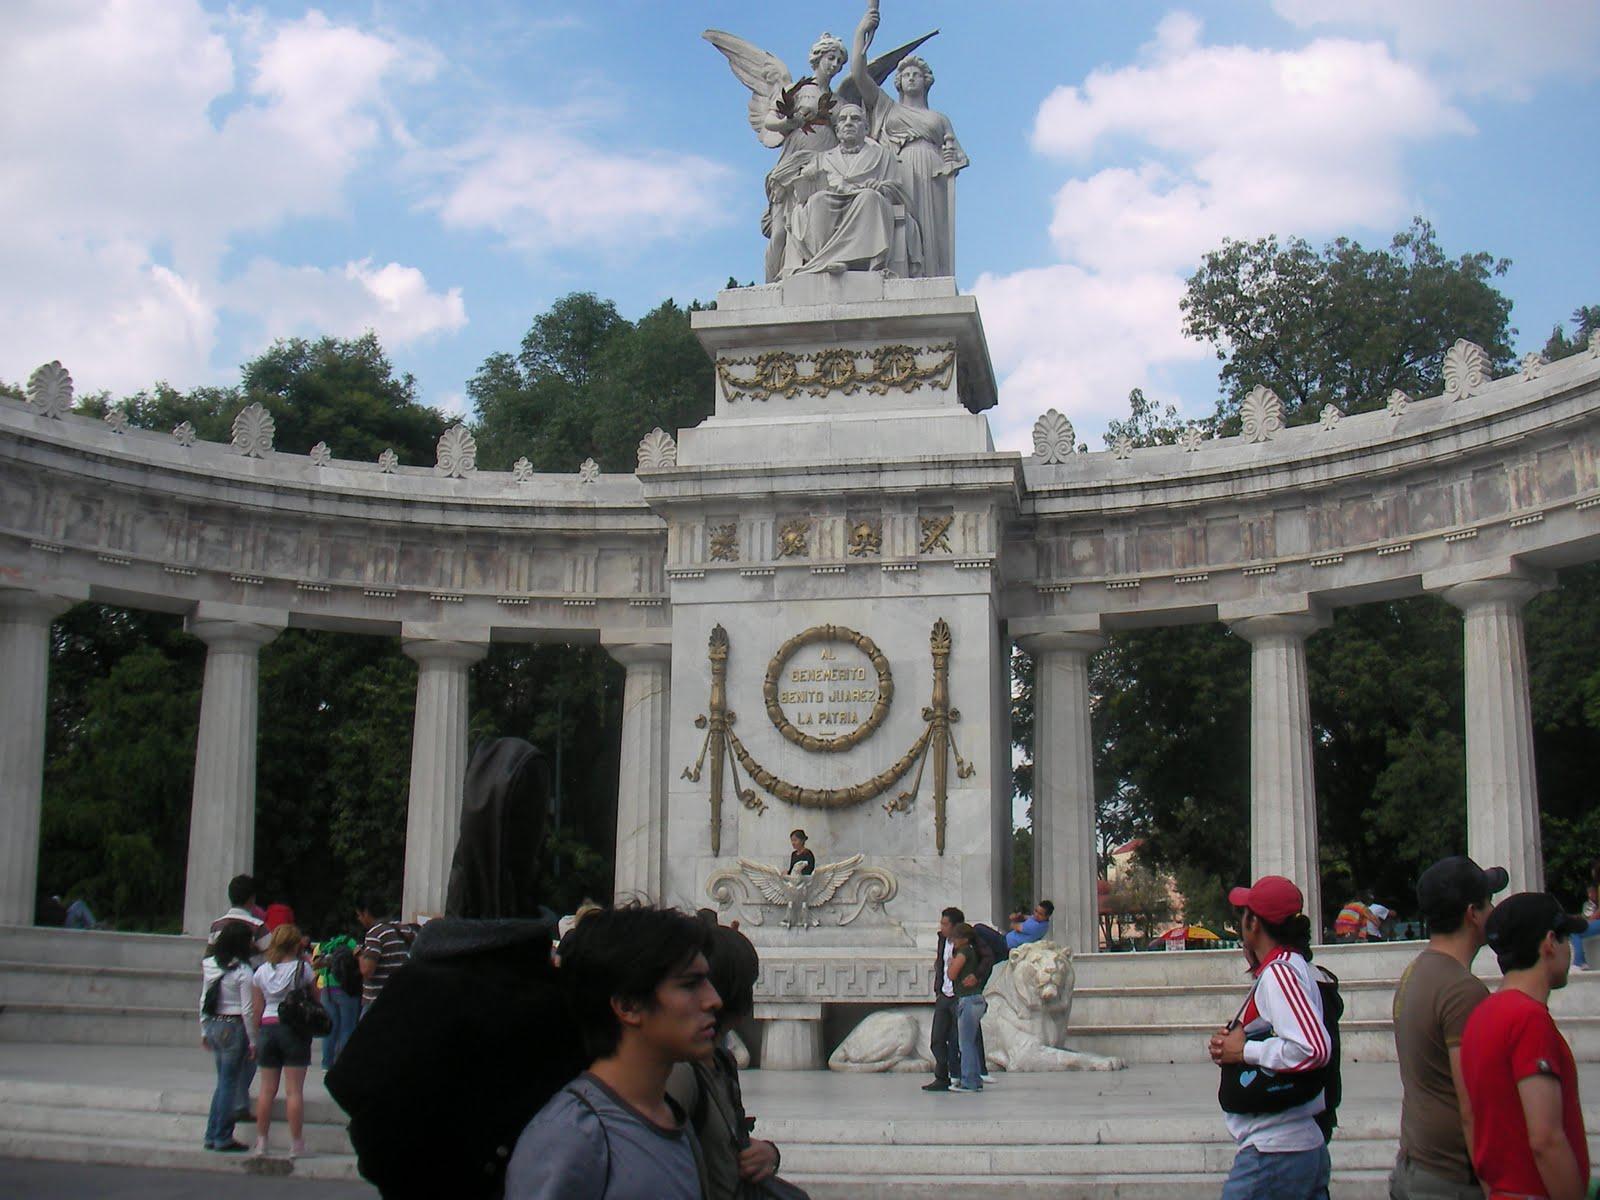 Soeren puebla 2009 mexico city for Benito juarez mural